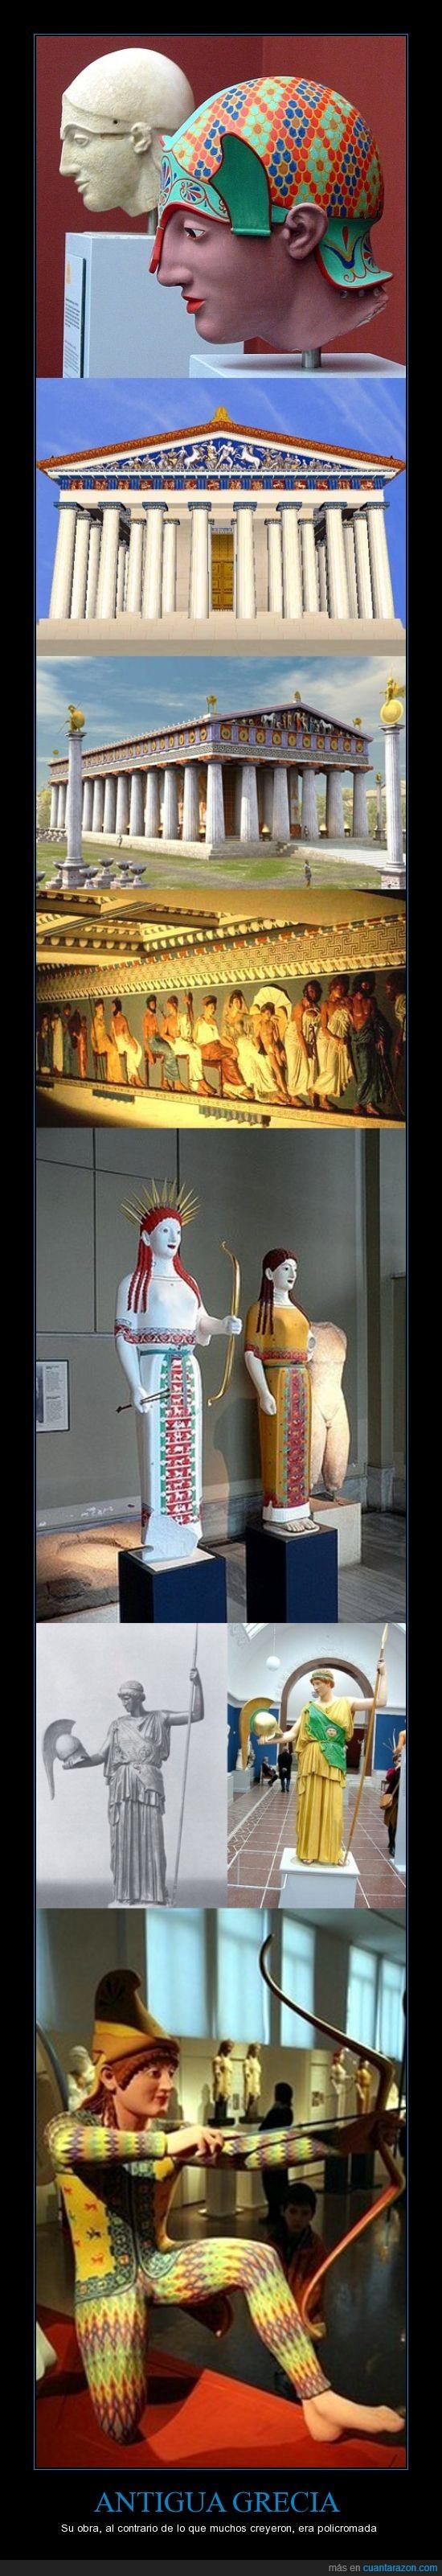 Antigua Grecia,Arquitectura,Busto,Color,Estatuas,Friso,Guerreros,Koré,Mármol,Olimpia,Partenón,Piedra,Policromado